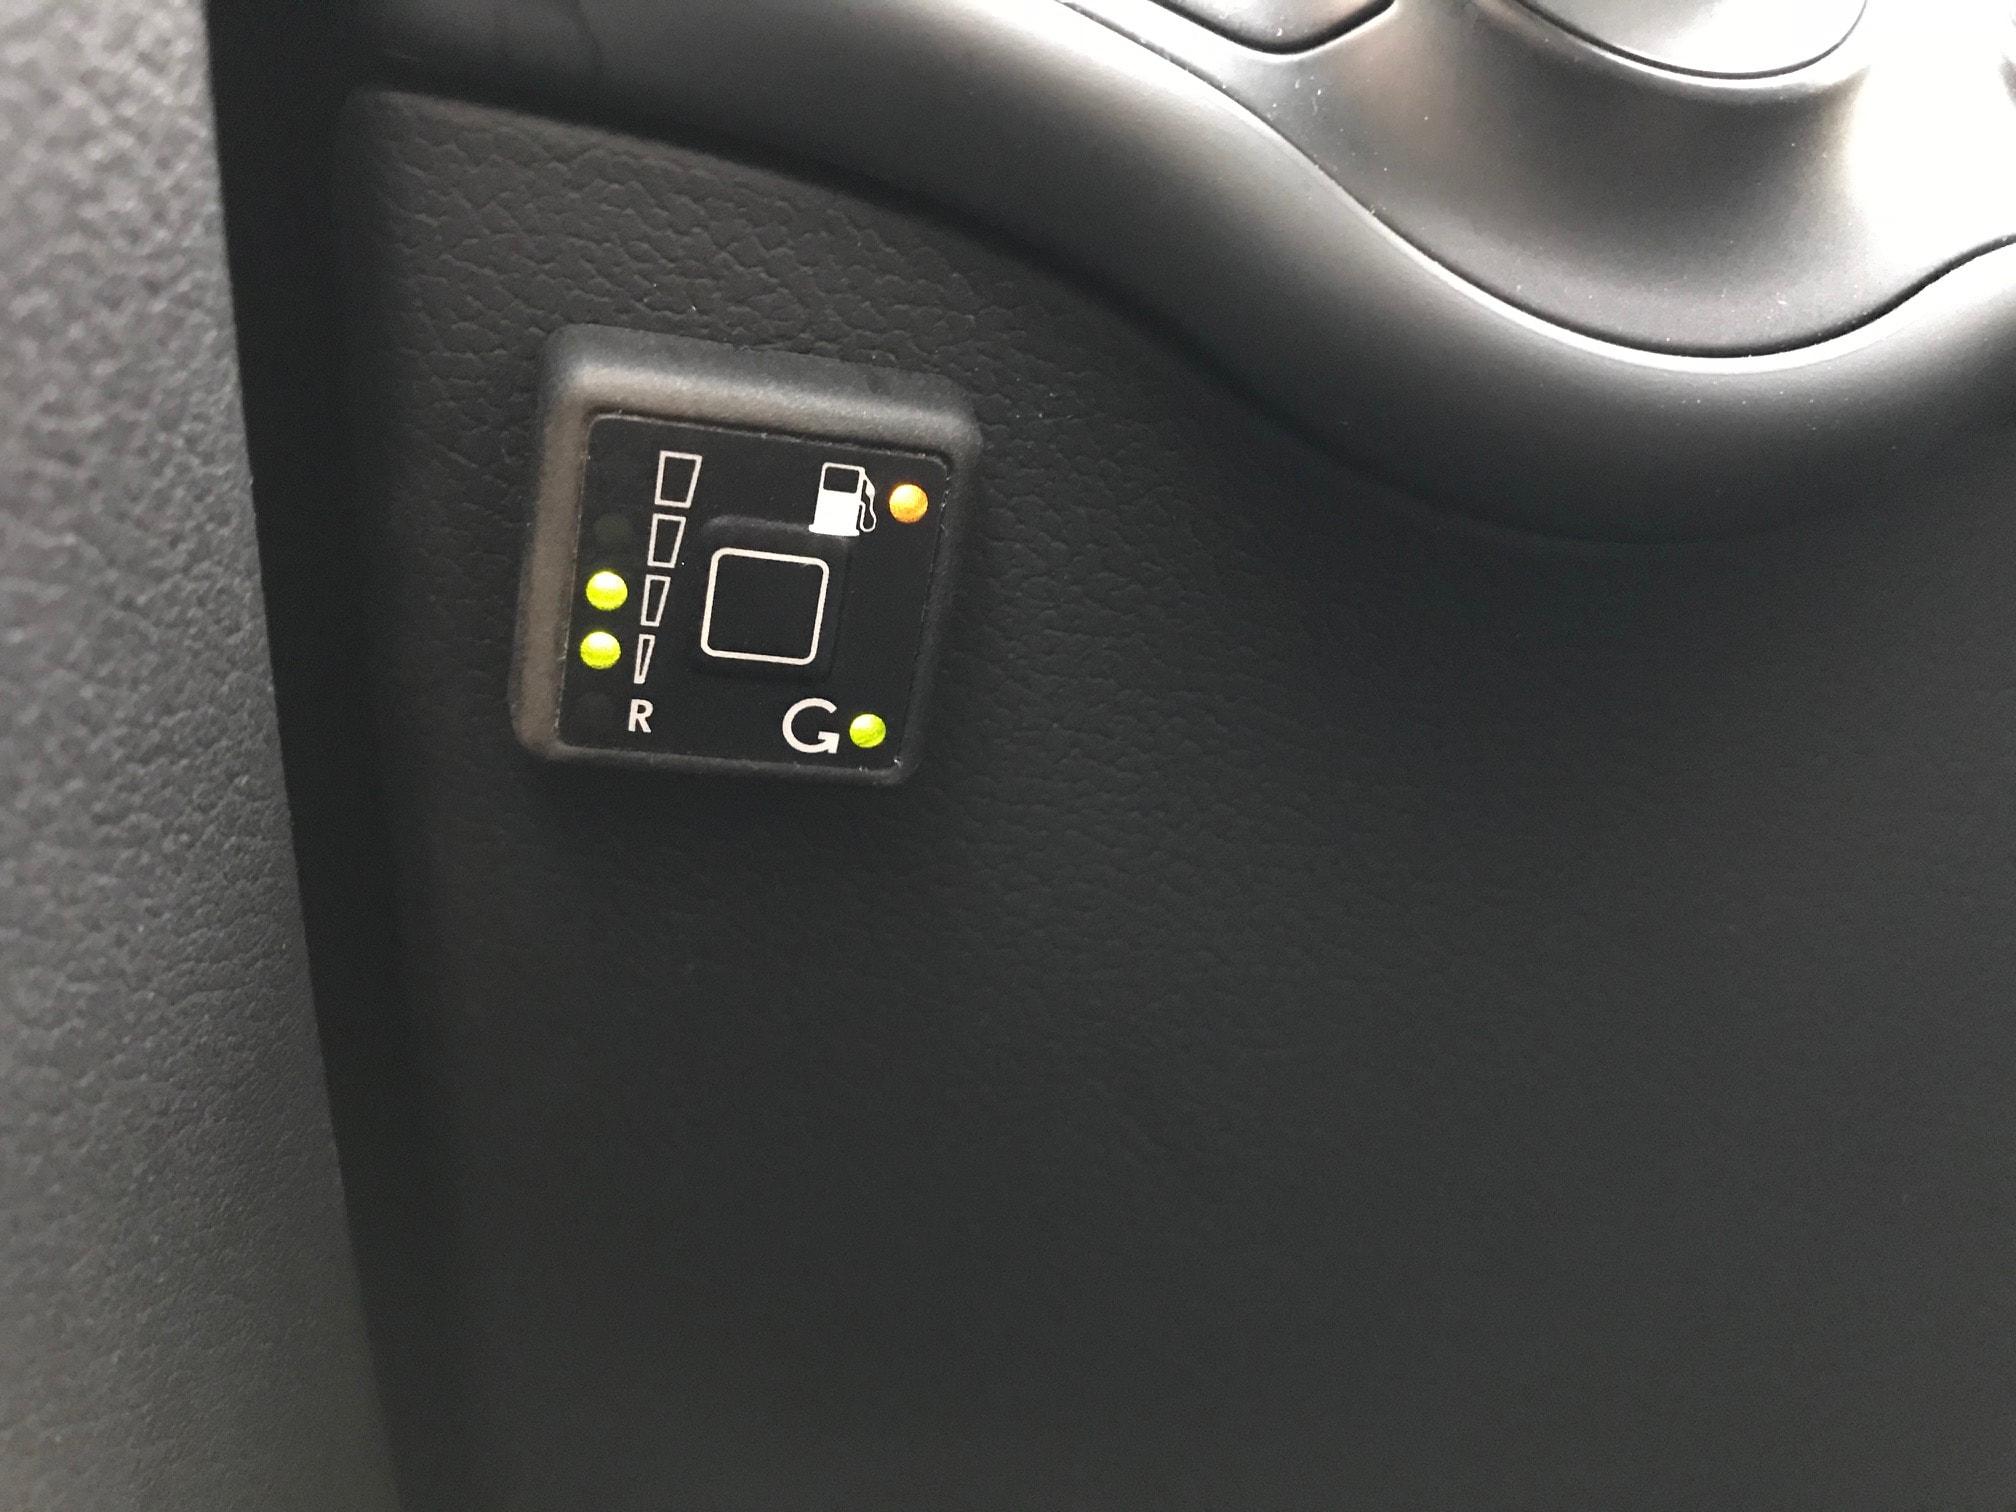 Autogas_R115-Umrüstung-auf-LPG-Autogas_Audi-S5-3,0TSI-Direkteinspritzer-Tankuhr